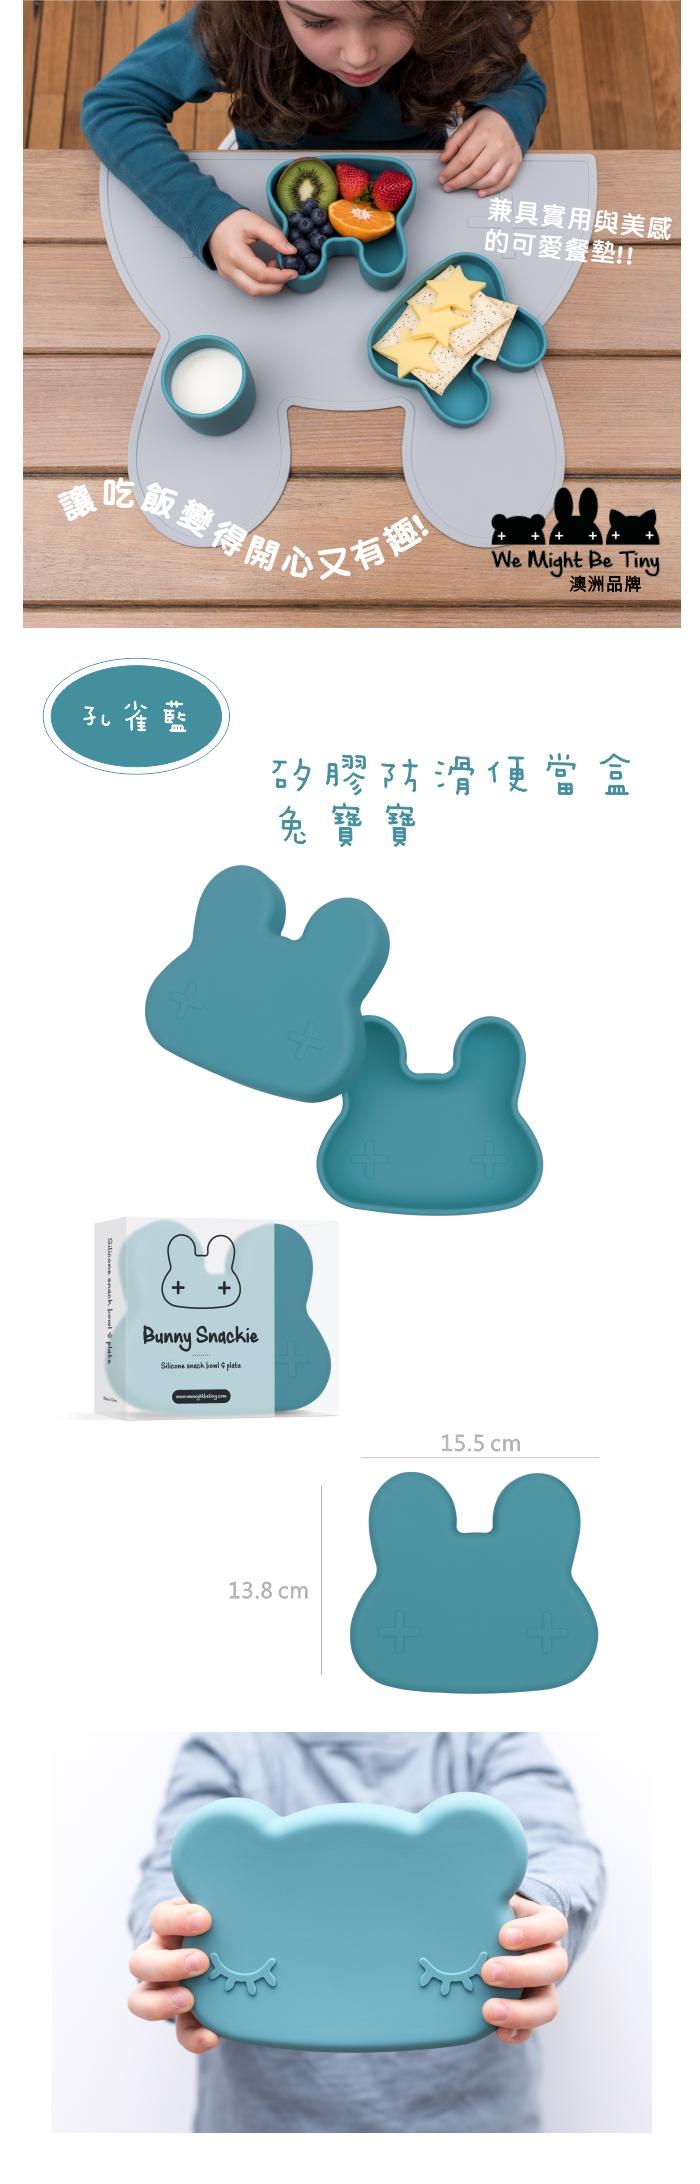 澳洲We Might Be Tiny|矽膠防滑便當盒兔寶寶-孔雀藍